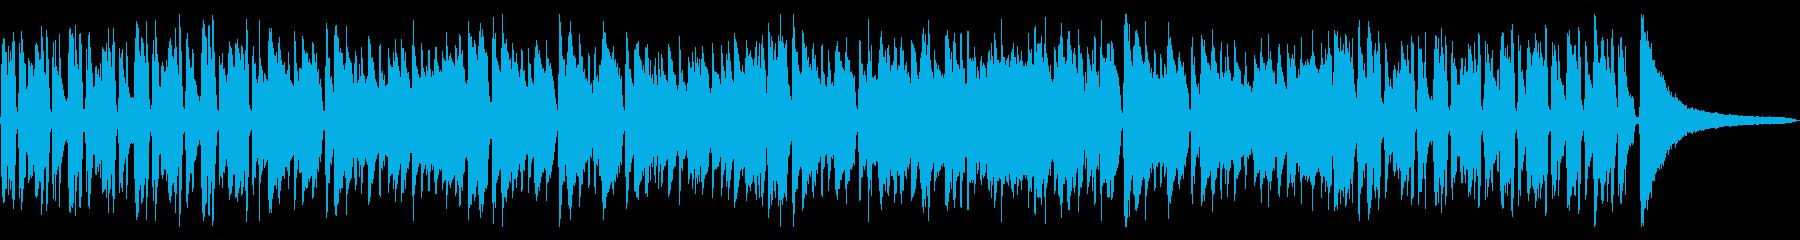 クールでリズミカルなギタージャズの再生済みの波形